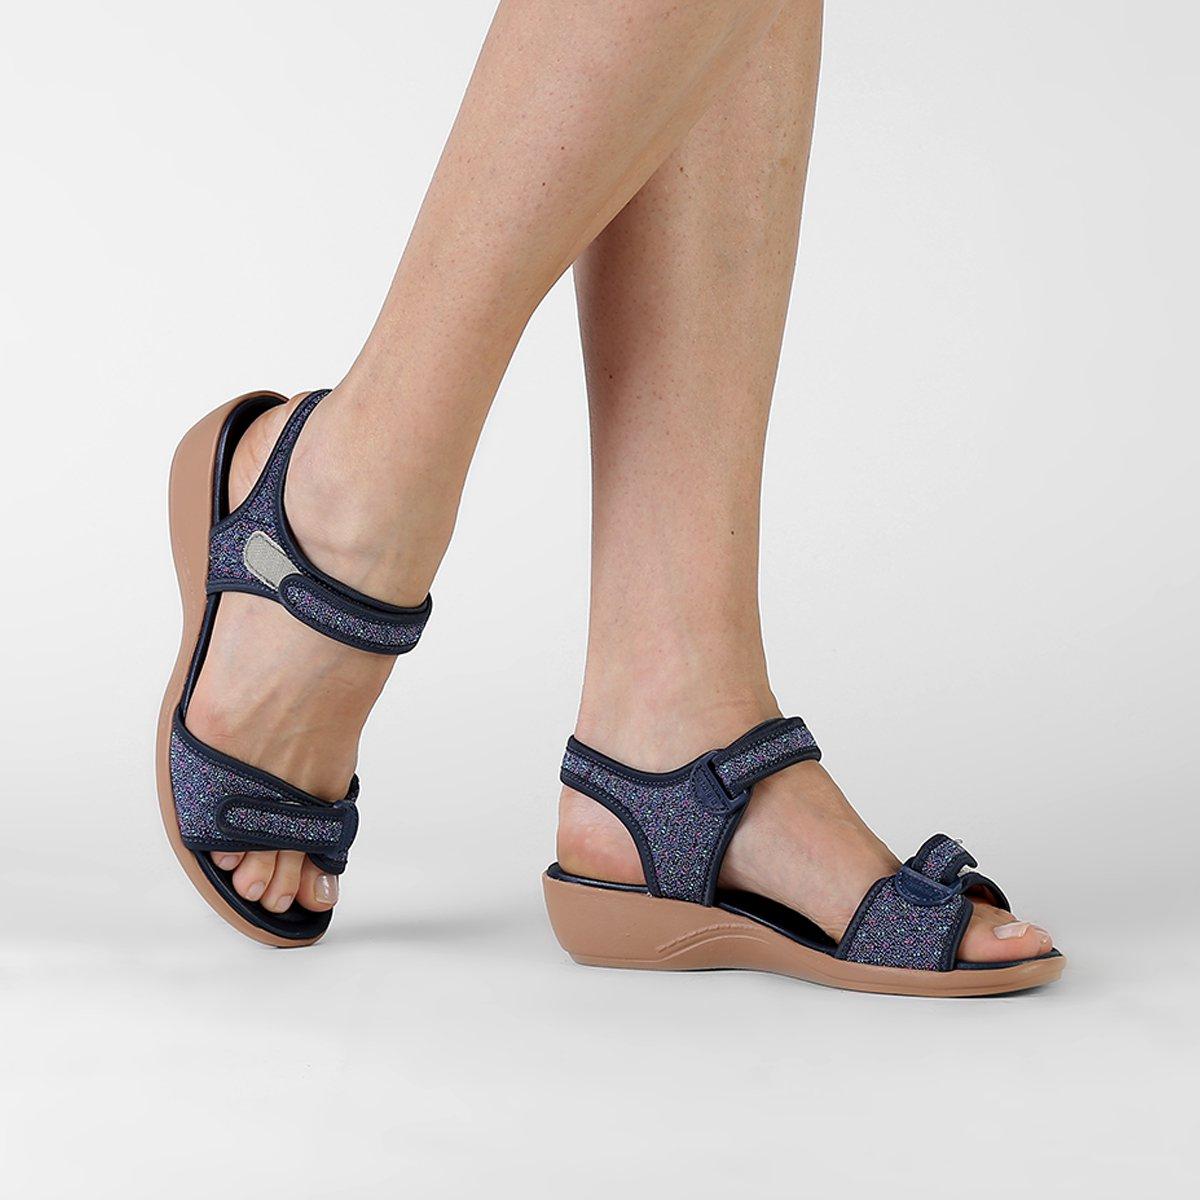 c000539d3 Sandália Azaleia Velcro - Compre Agora   Zattini